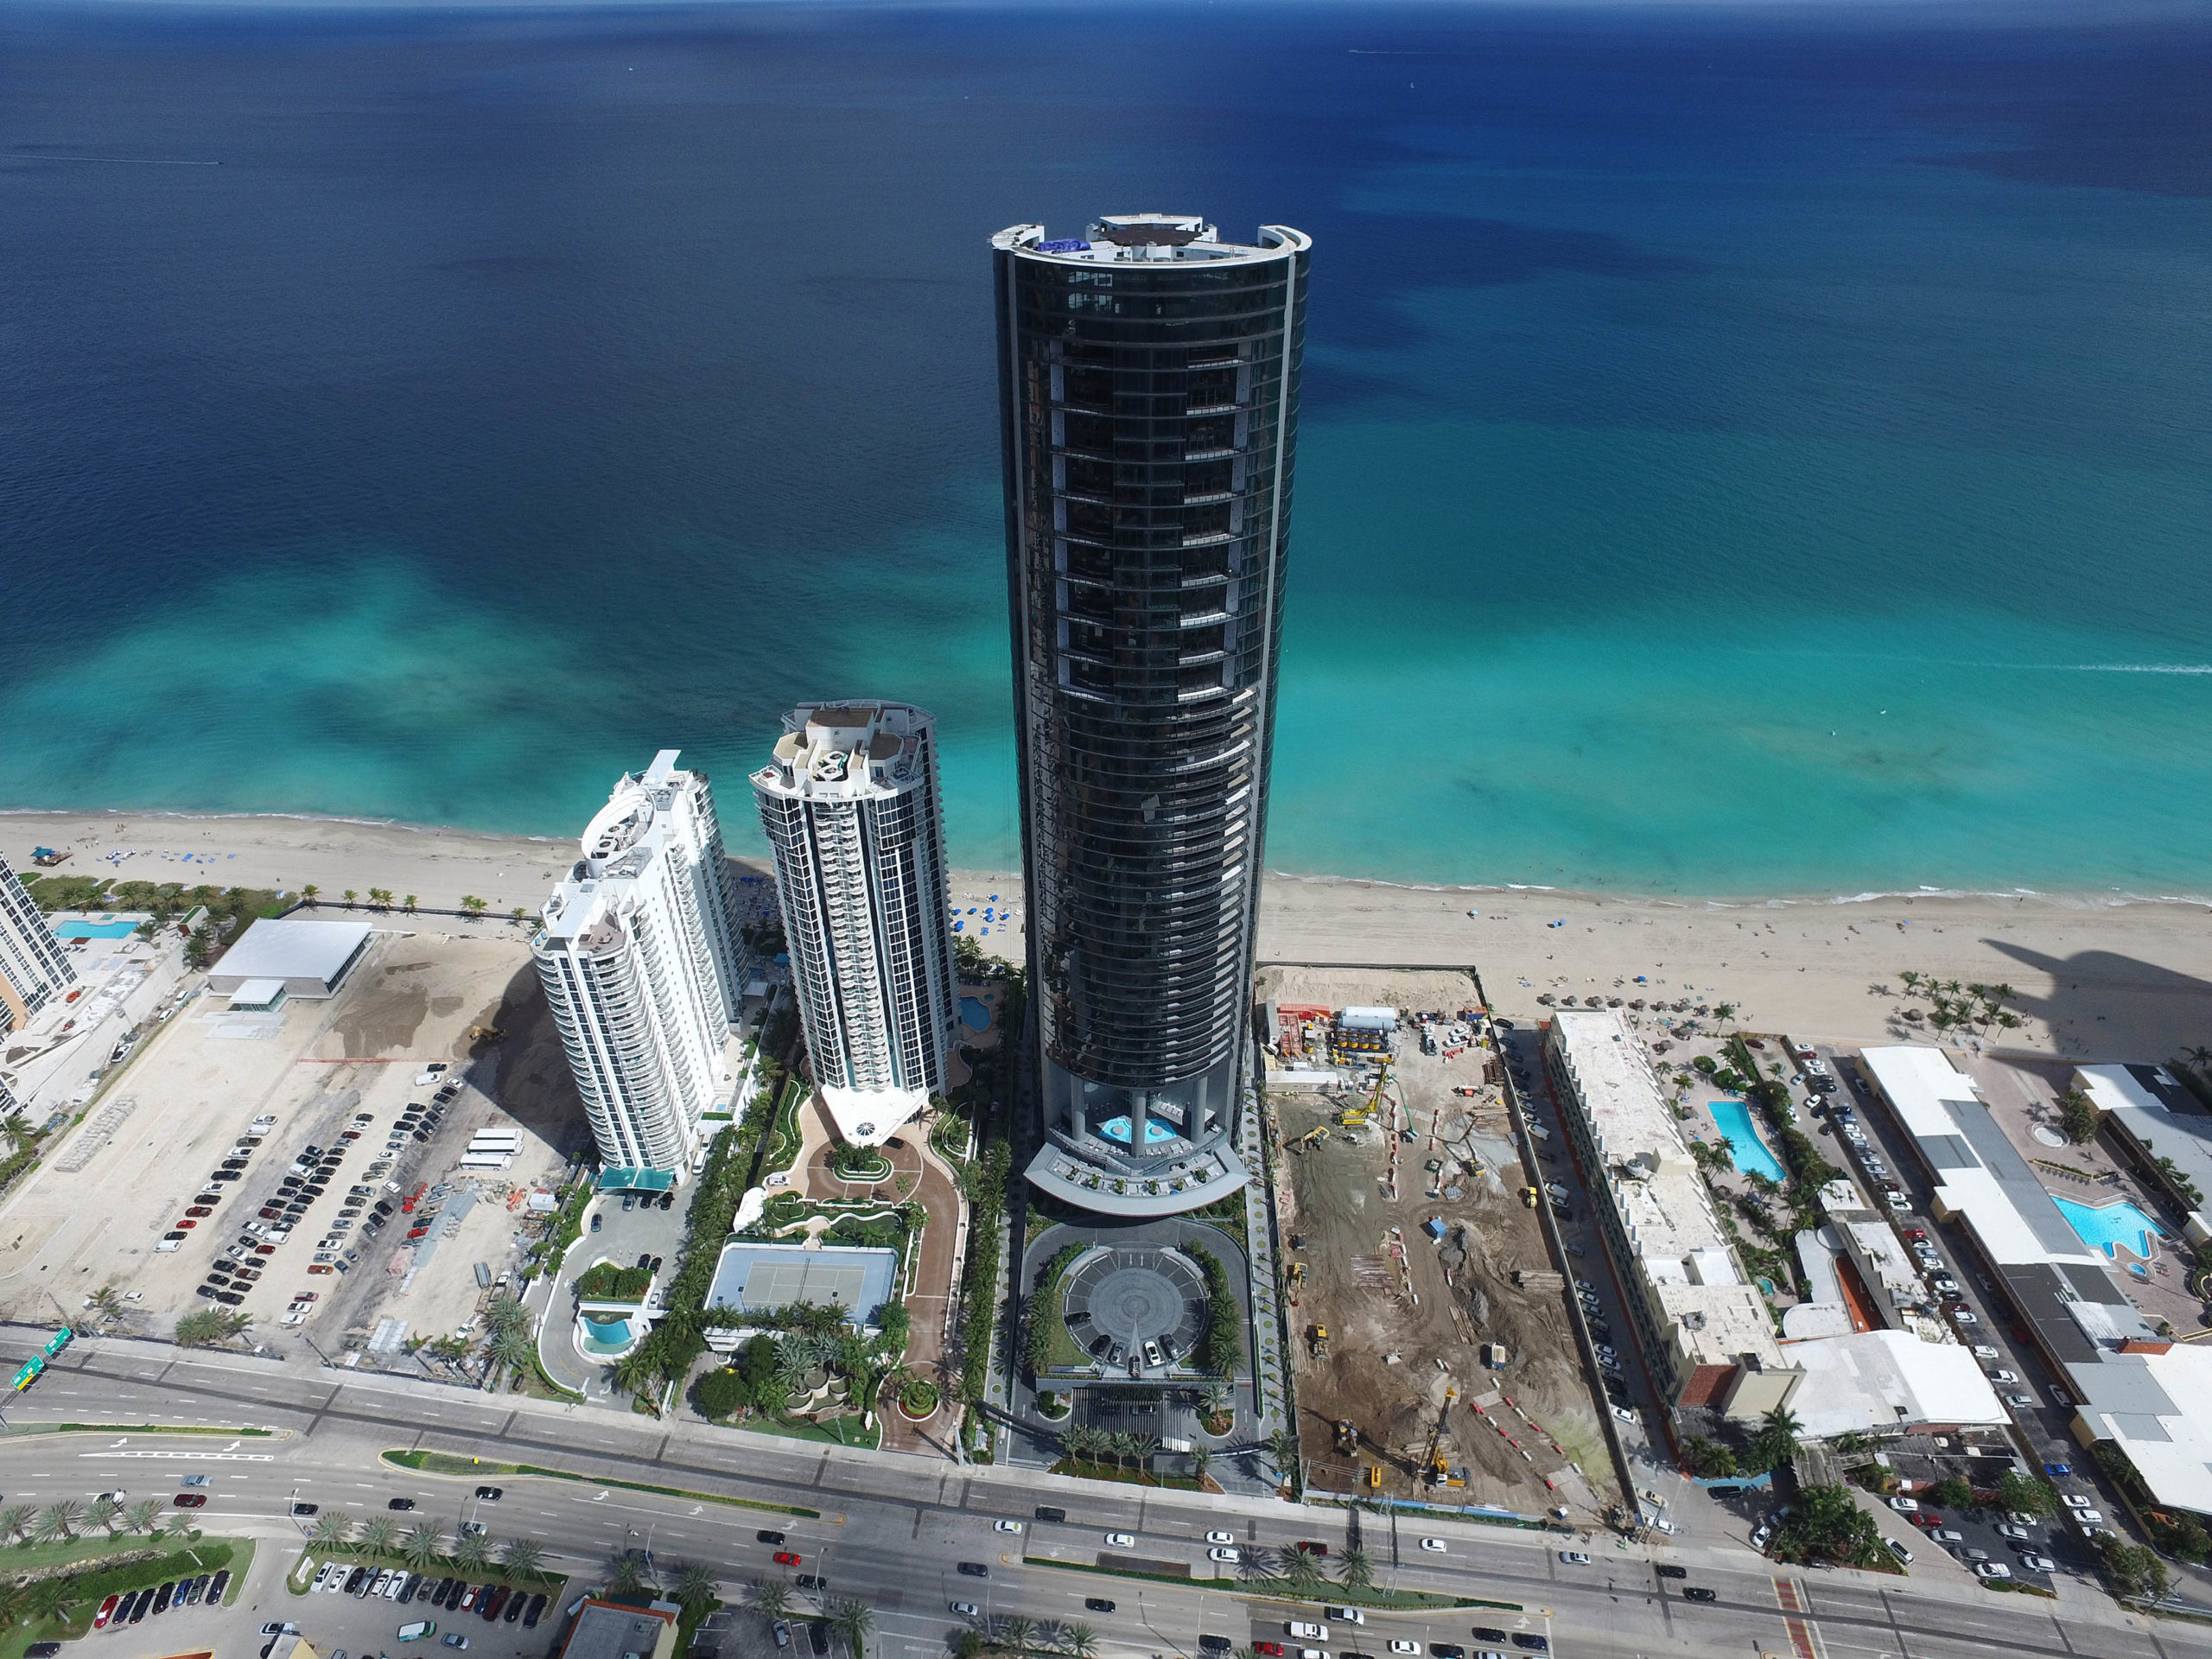 Как выглядит квартира в Майами, за которую Лионель Месси заплатил 8 миллионов евро (Фото, Видео) - изображение 2